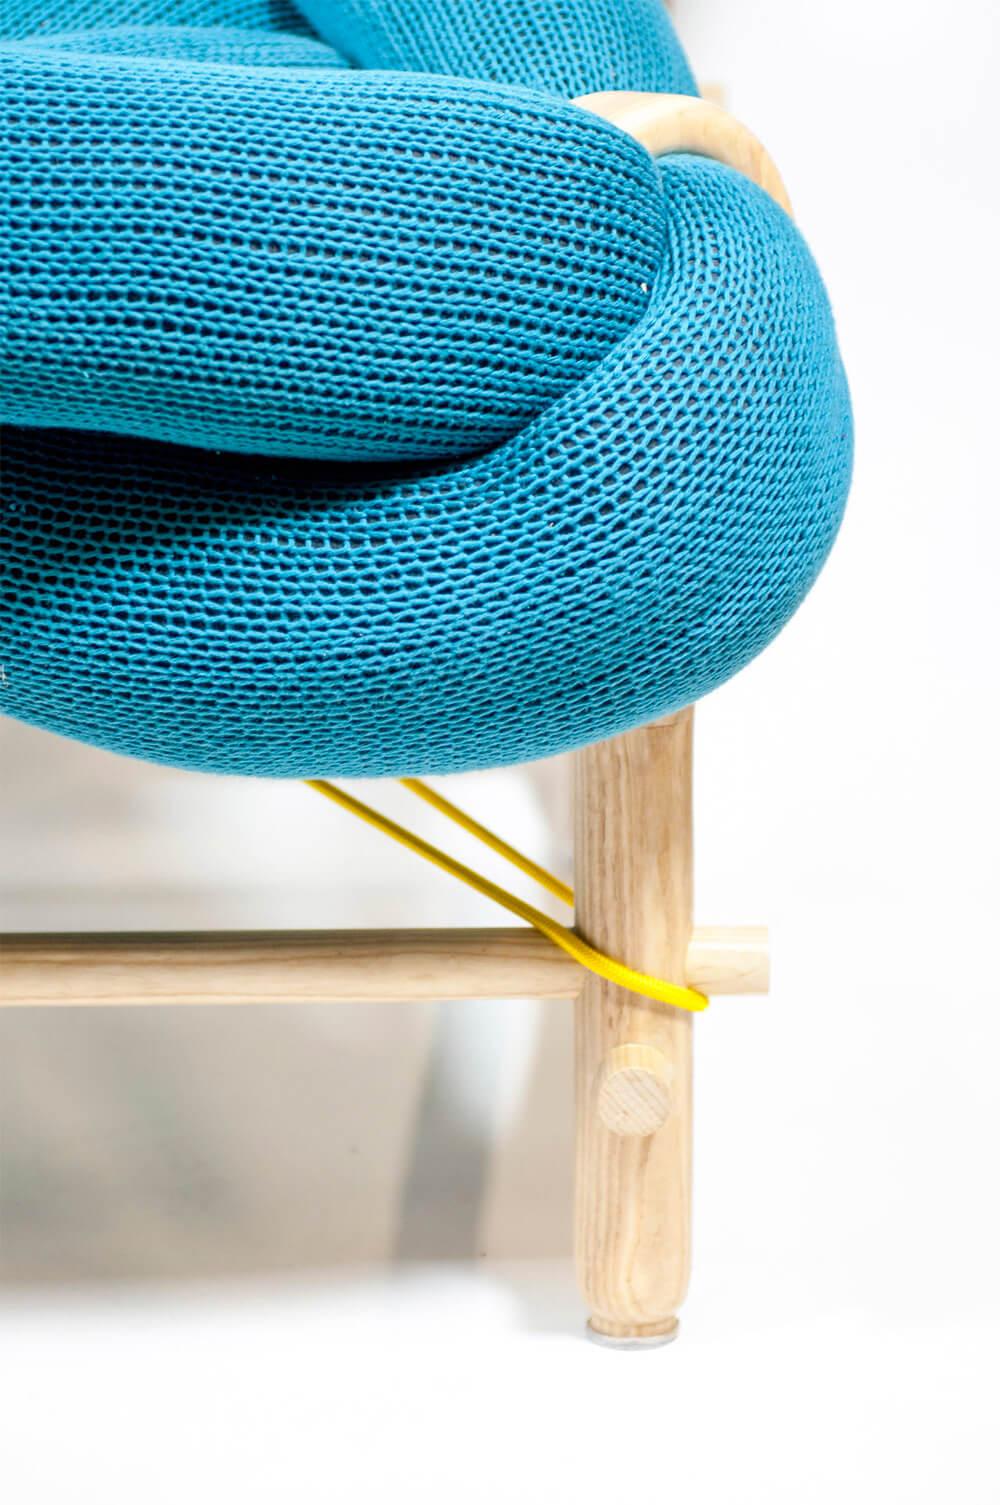 Woven Chair 4 (1)